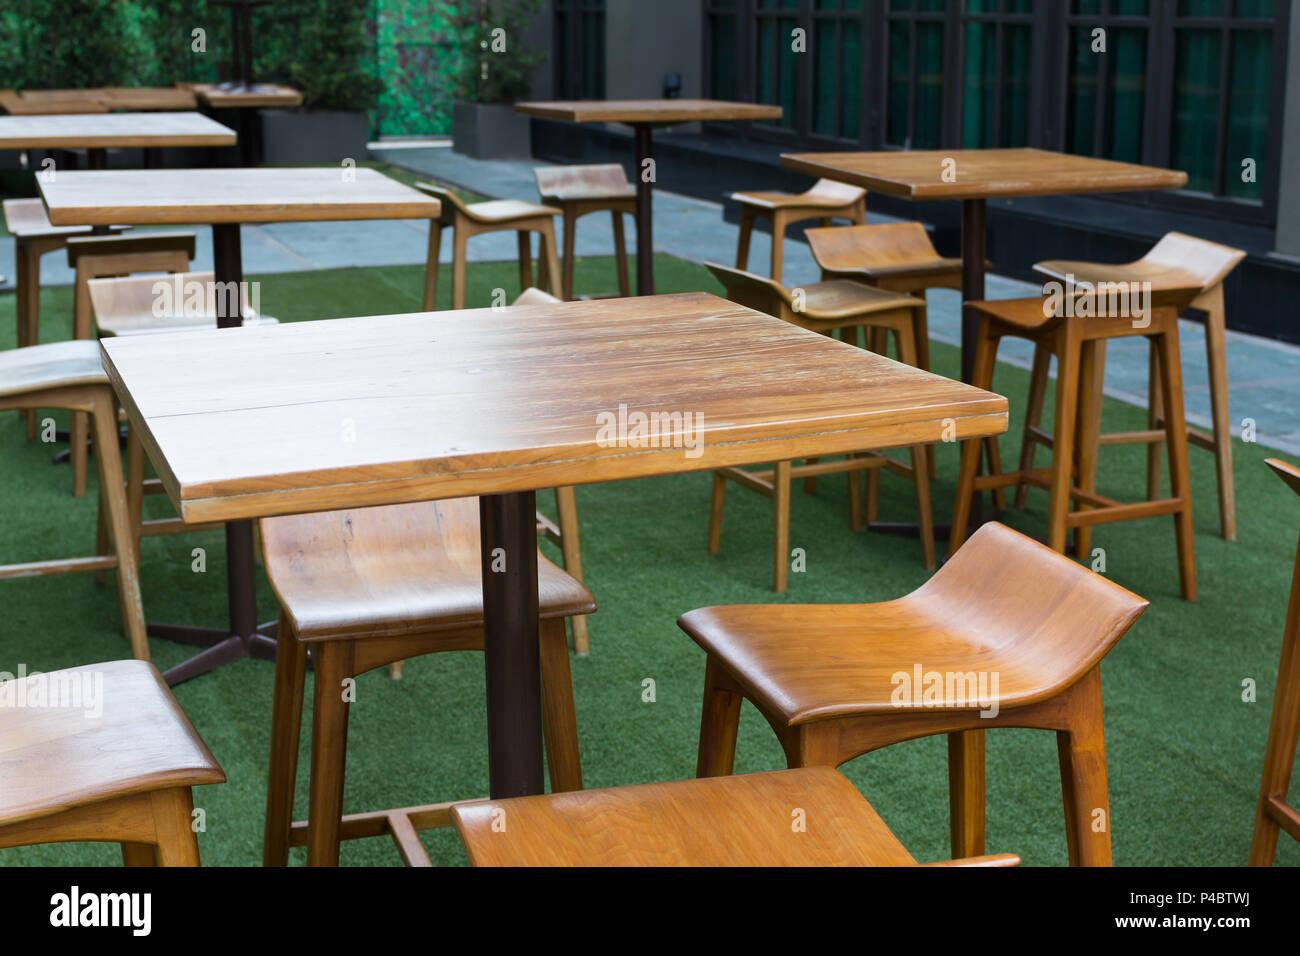 Sedie In Legno Moderne : Moderne in legno tavolo e sedia impostato a outdoor cafe di lusso